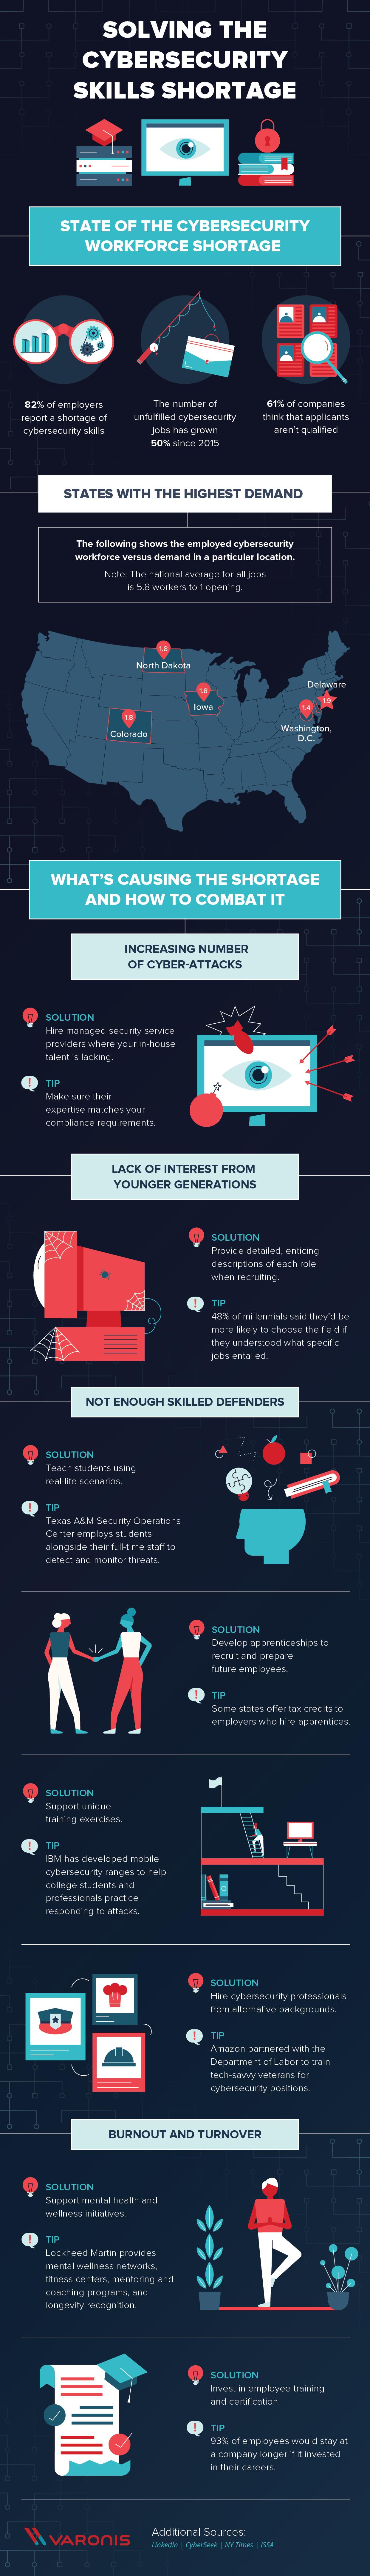 Infographie sur la pénurie de compétences en cybersécurité.